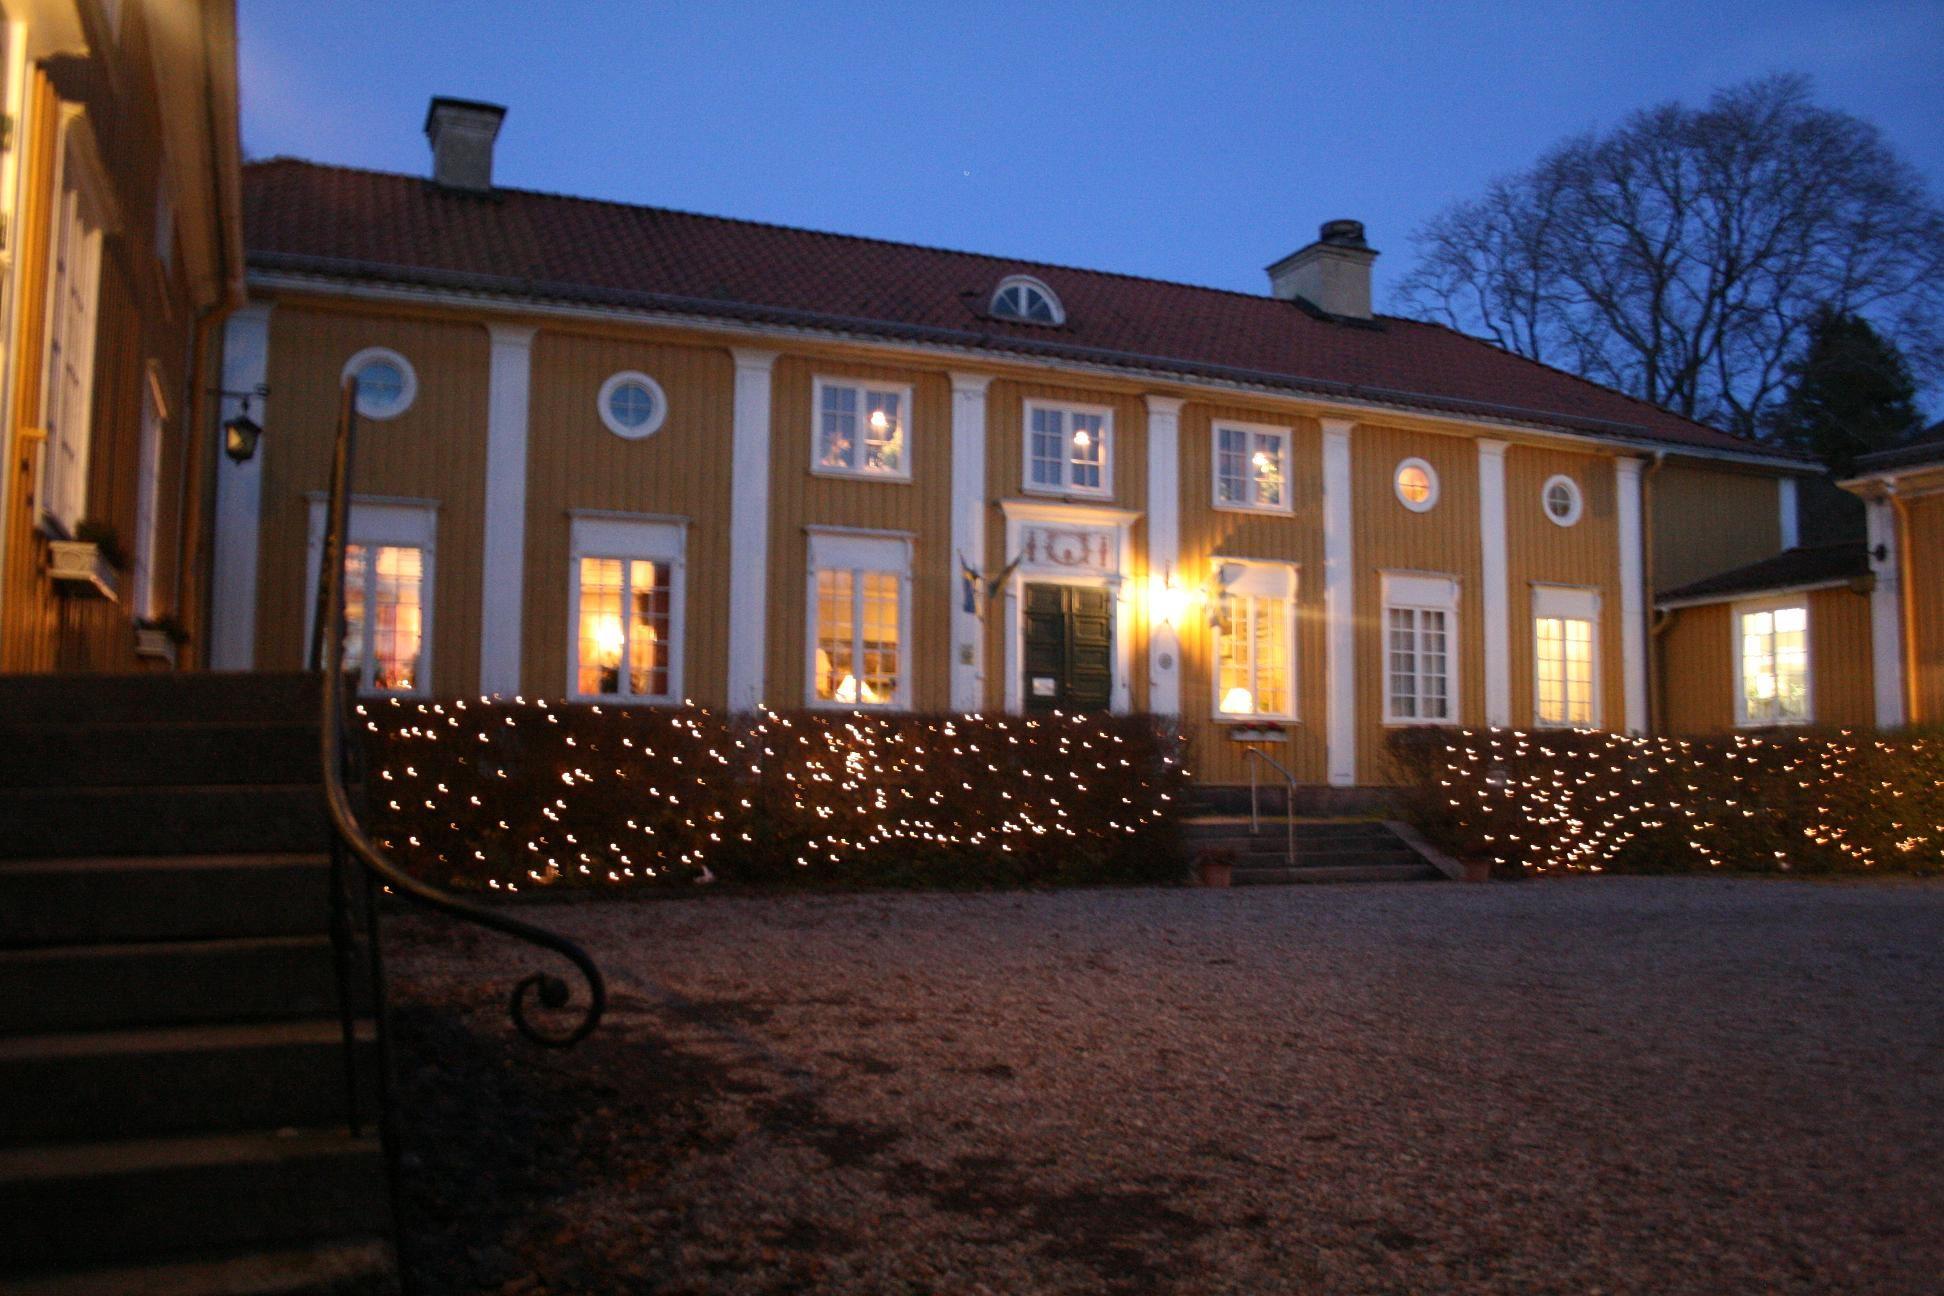 Johan Palmborg, Vår innergård